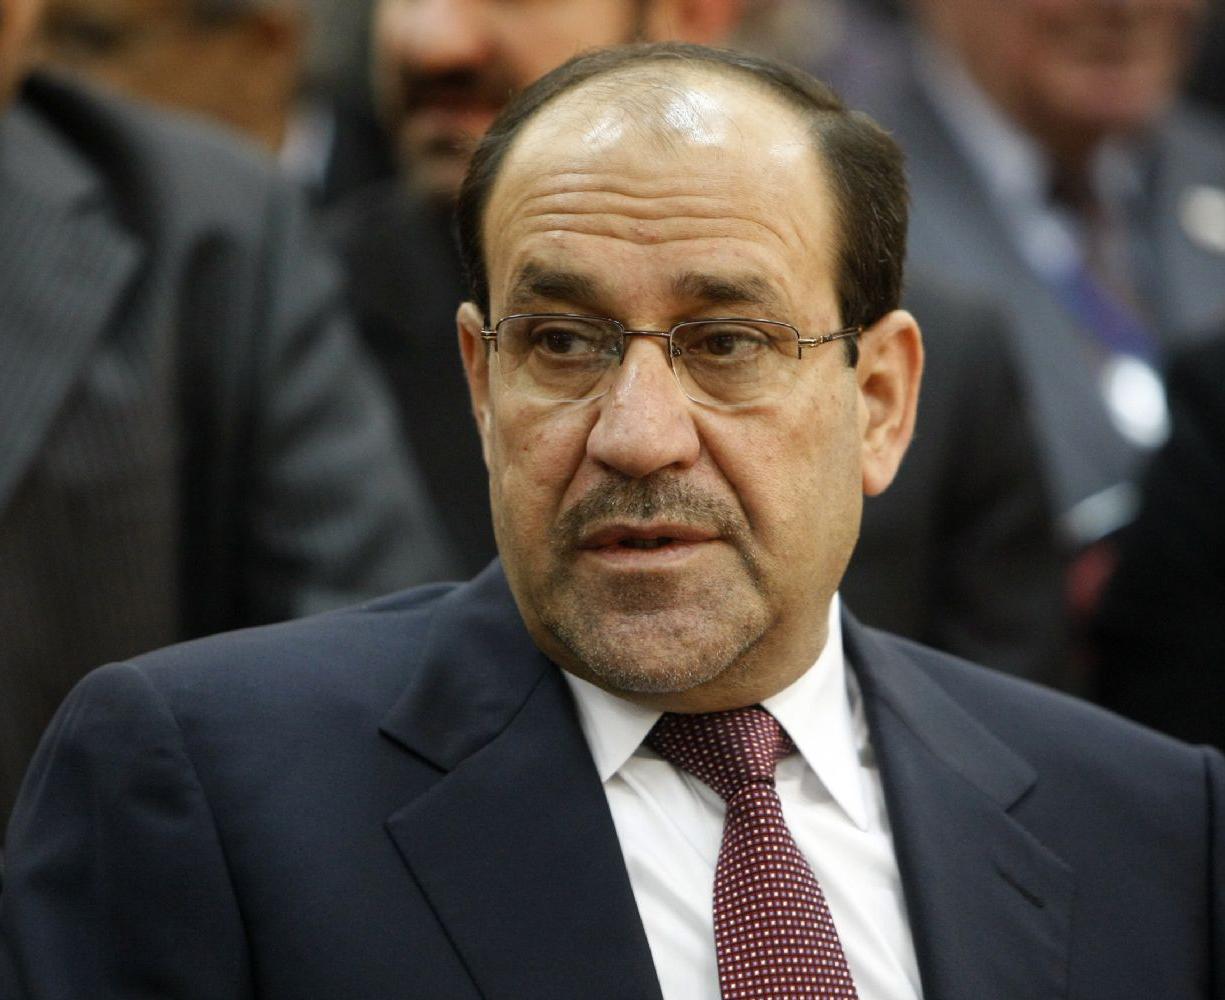 المظاهرات ضد المالكي تفجر تجاذبات شيعية حادة